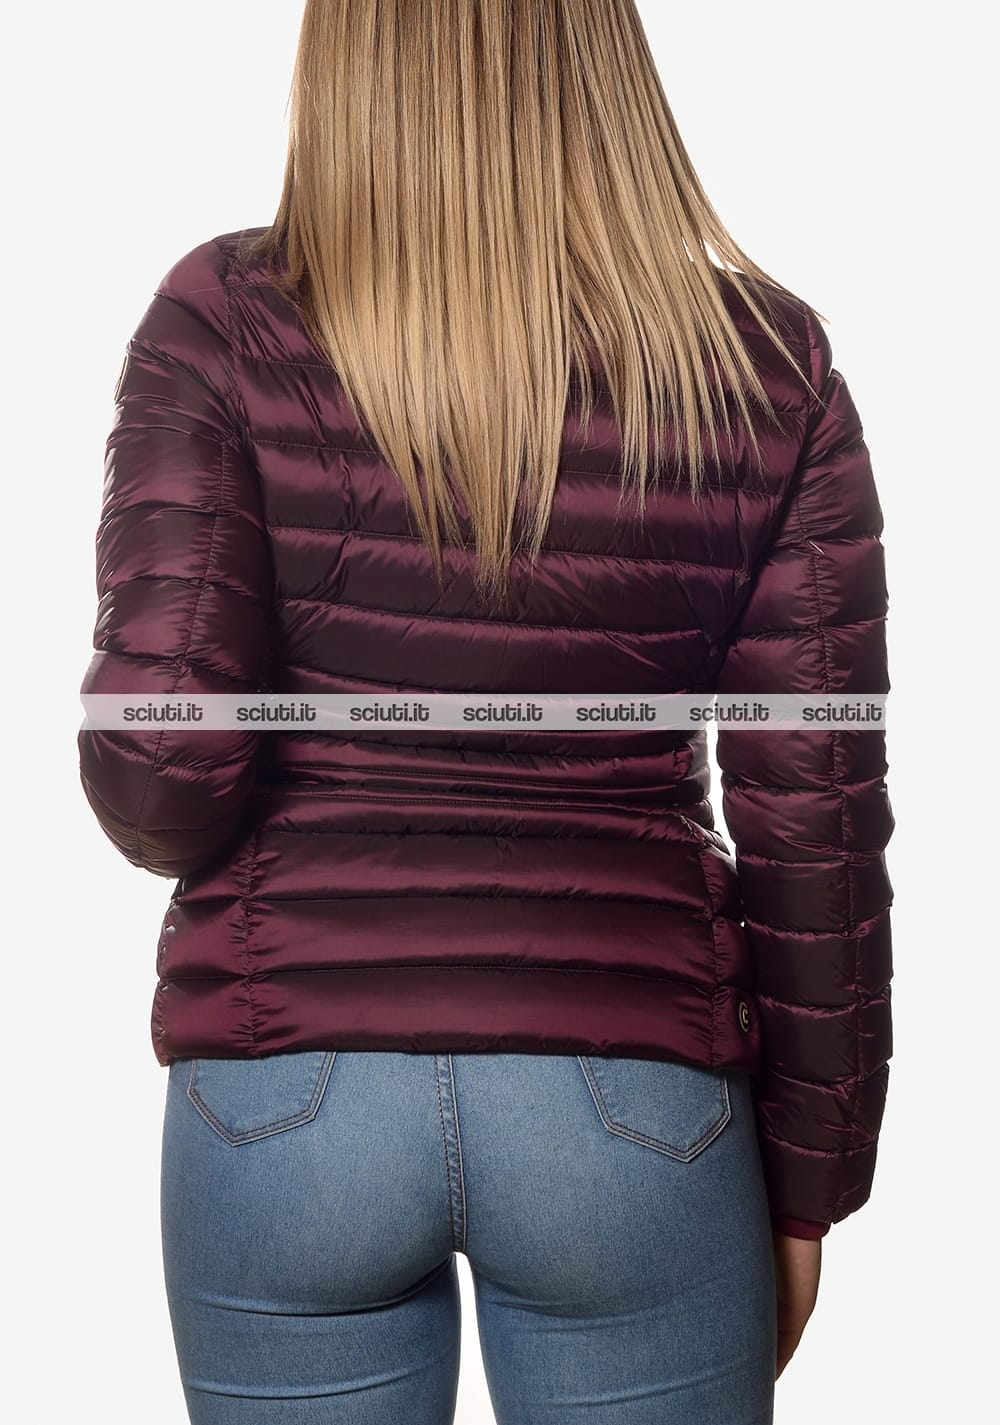 huge discount 820dc d4706 Piumino Colmar donna pesante collo alto bordeaux